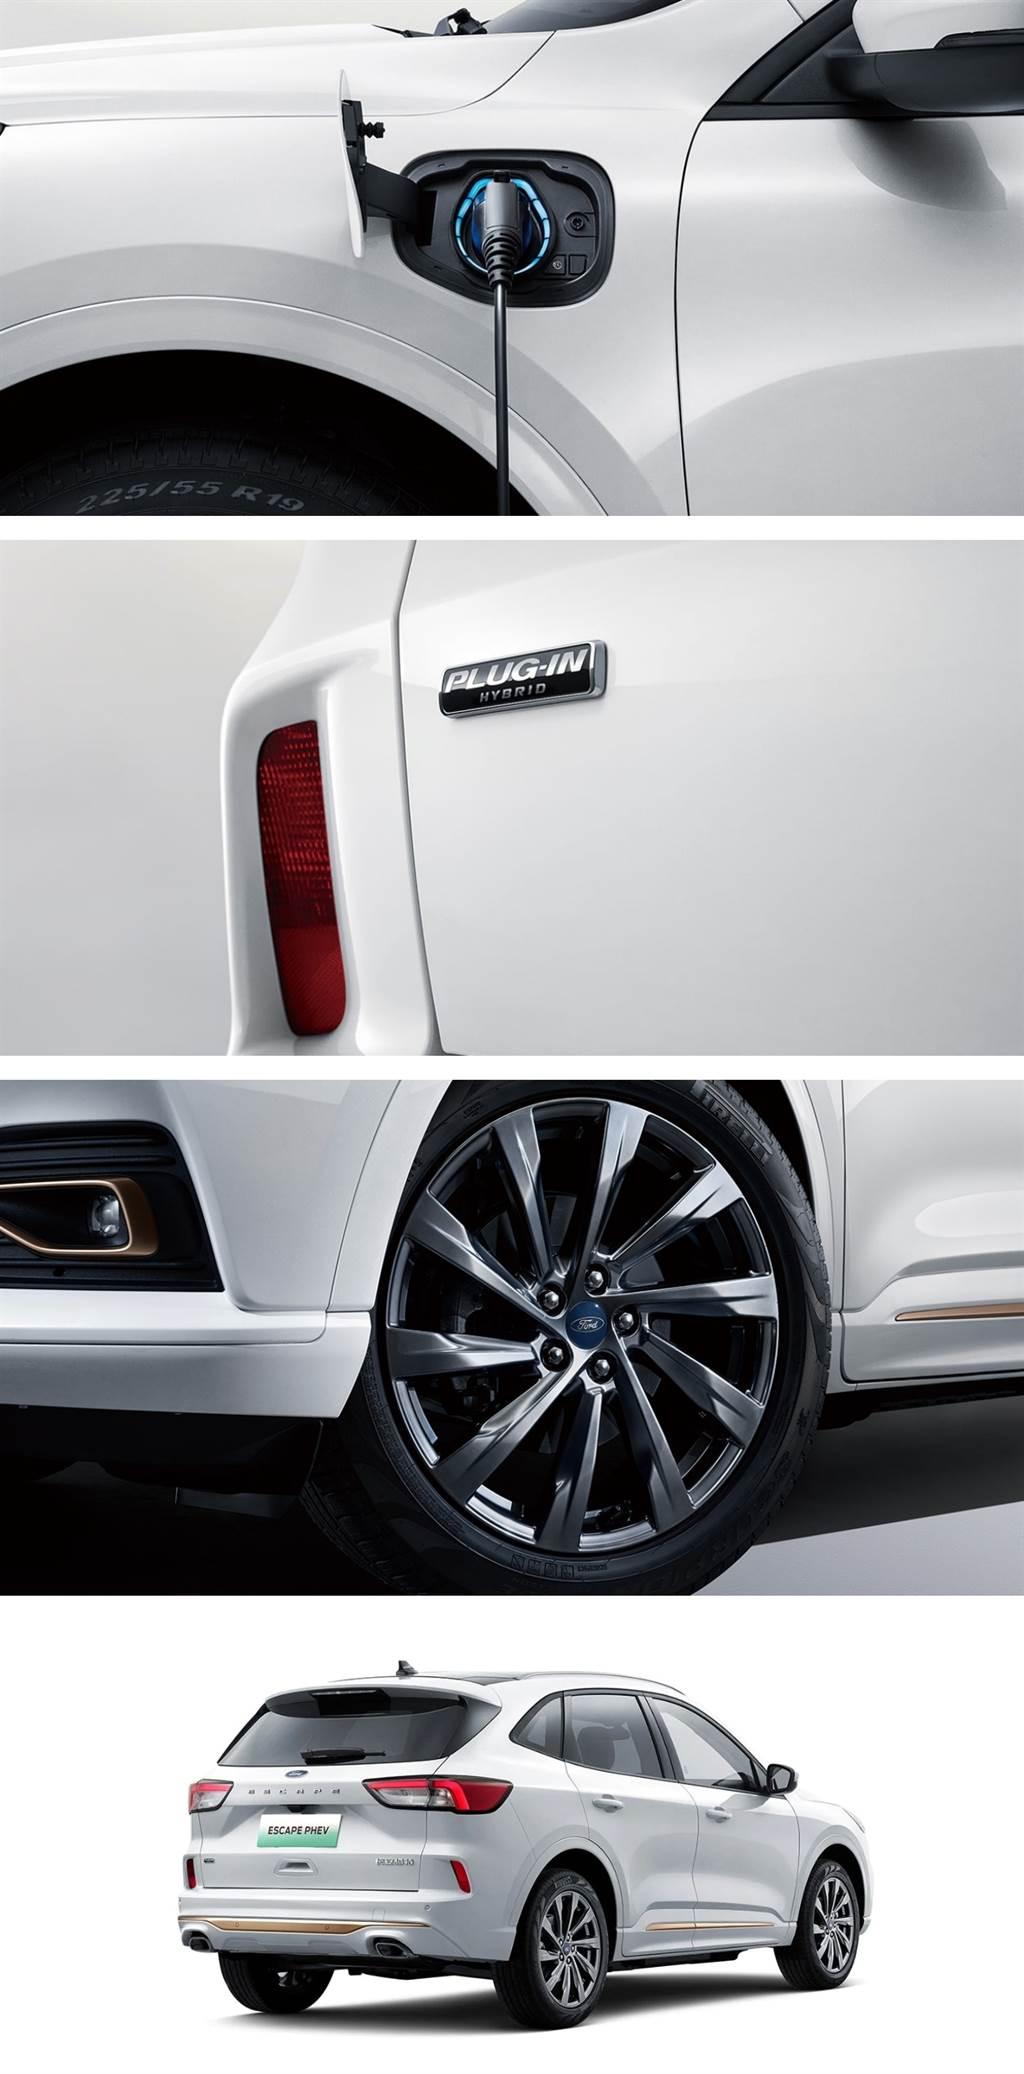 深根新能源車領域,長安福特 ESCAPE PHEV 銳際插電混動版正式投產!